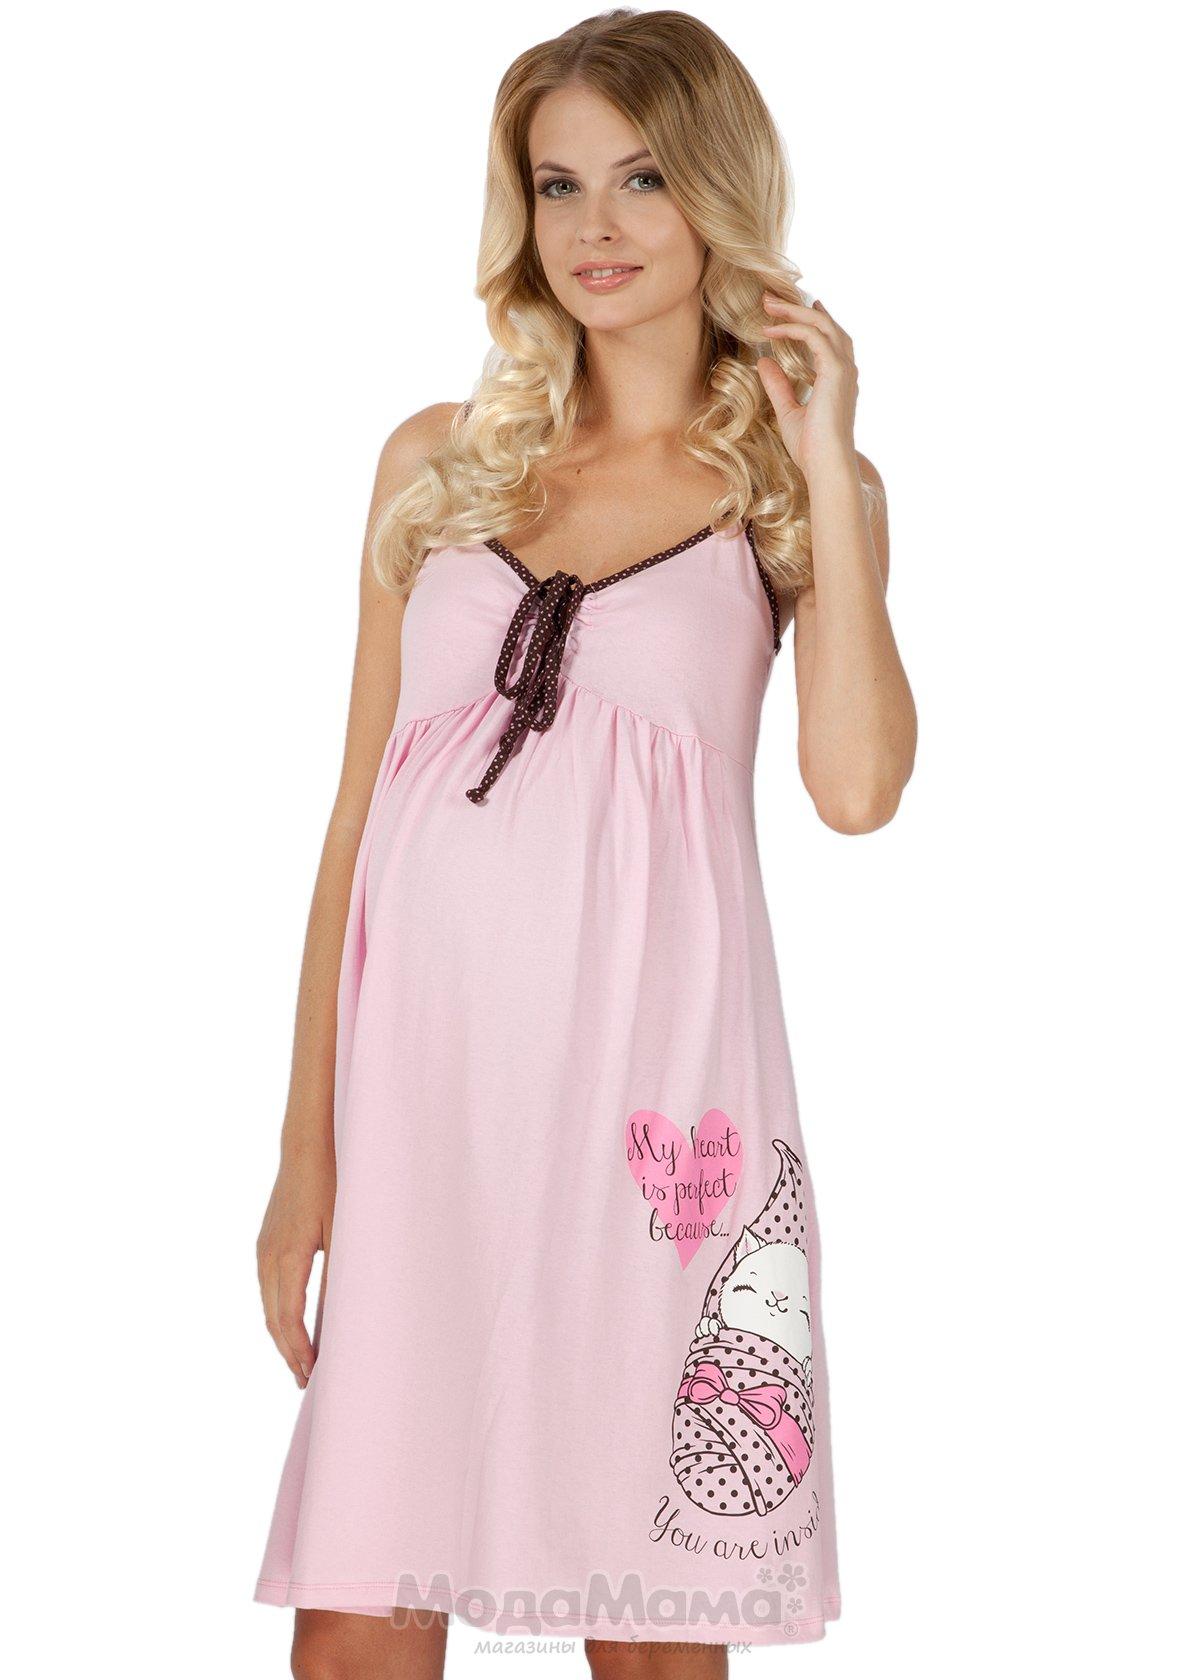 8f6fe7218bf5 Комплект для роддома Алина ilm34338 Роз принт купить - Одежда для ...